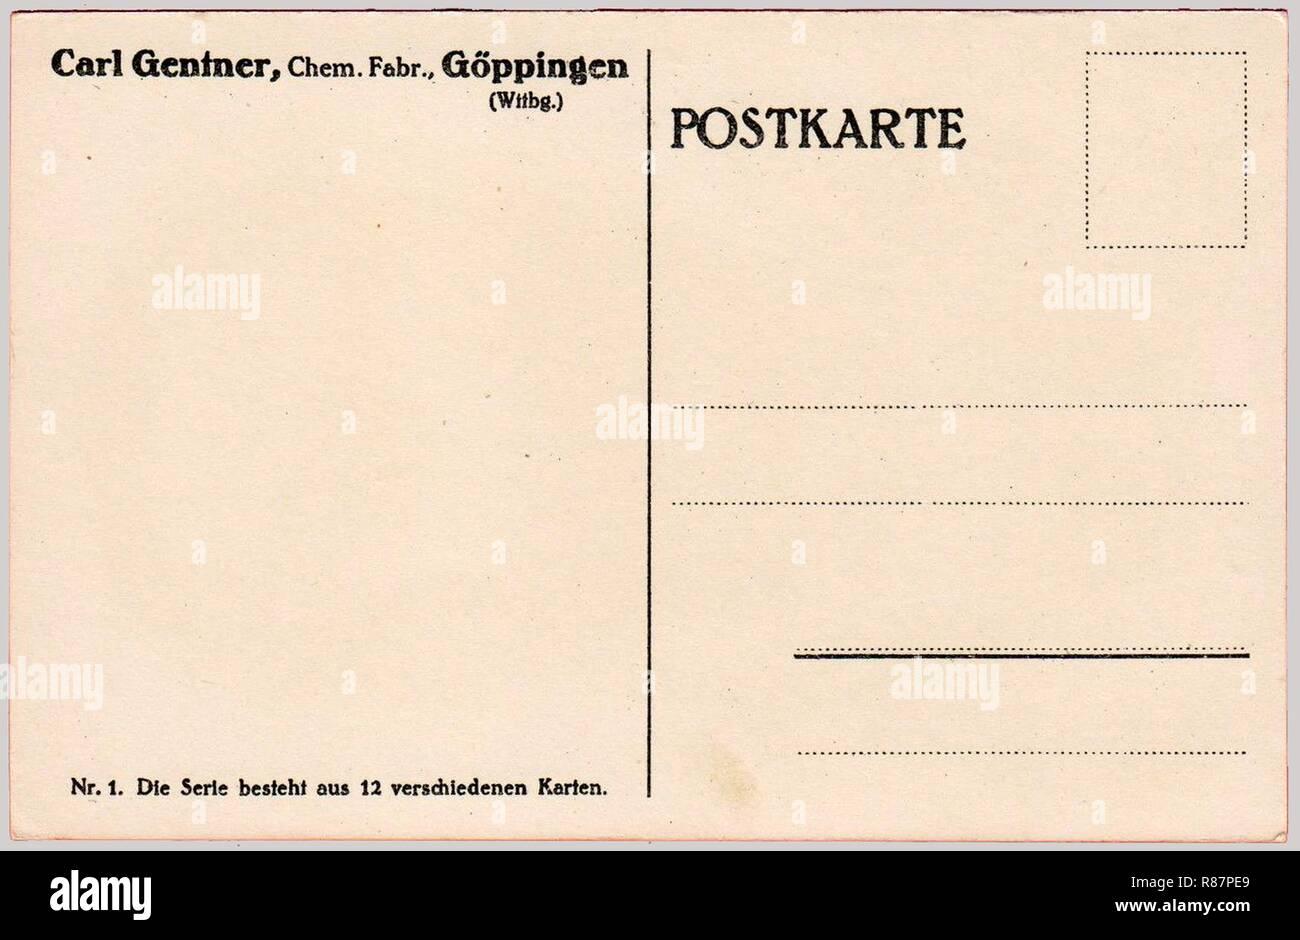 Carl Gentner AK Generaloberst v. C. Einem, adressseite 1 aus der 12er-Serie. Stockbild